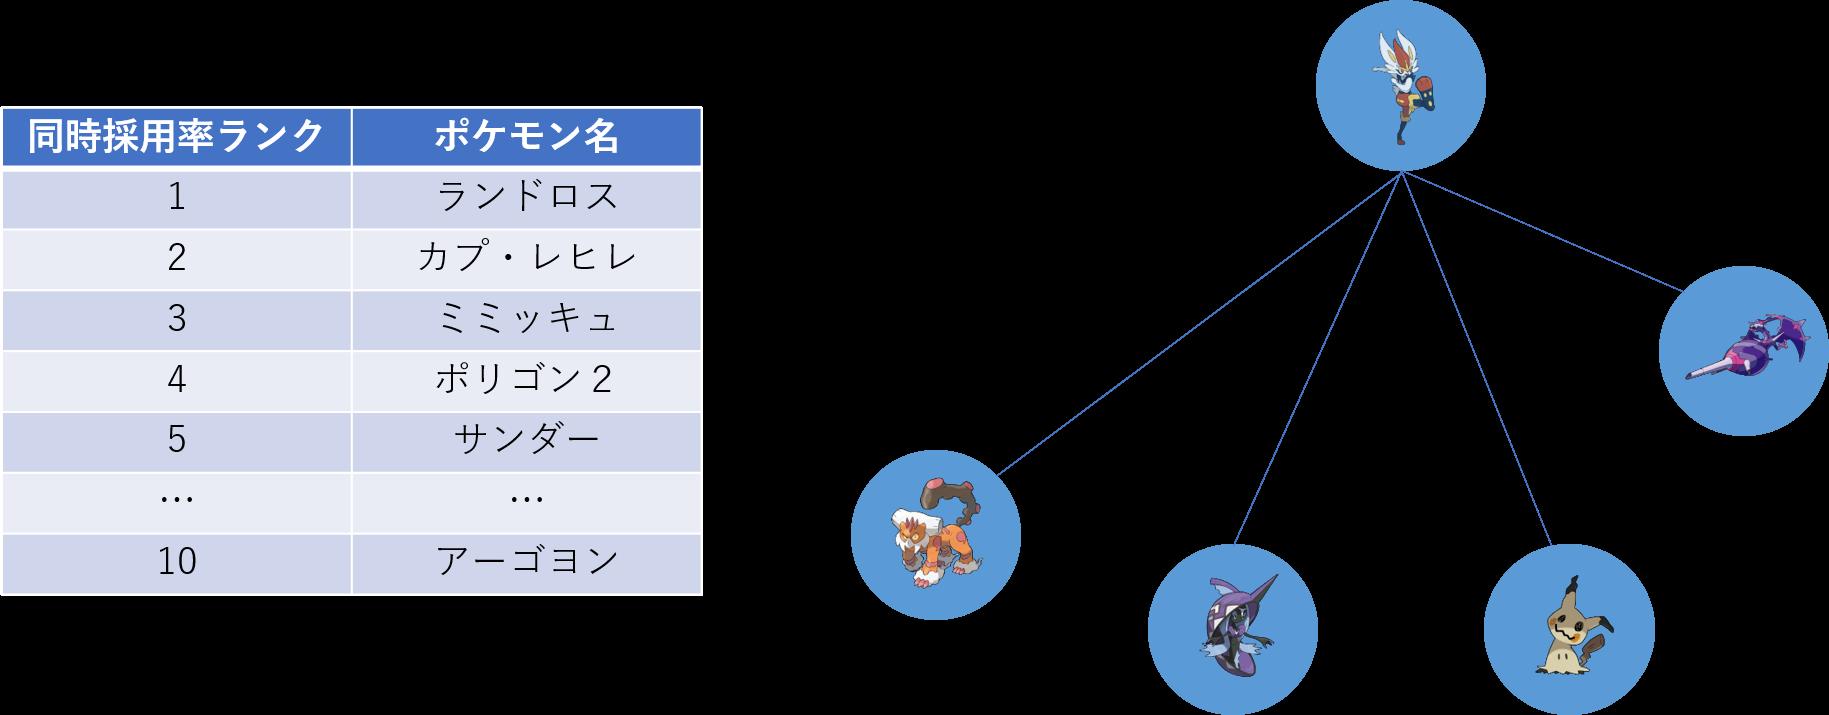 使用率 ポケモンhome